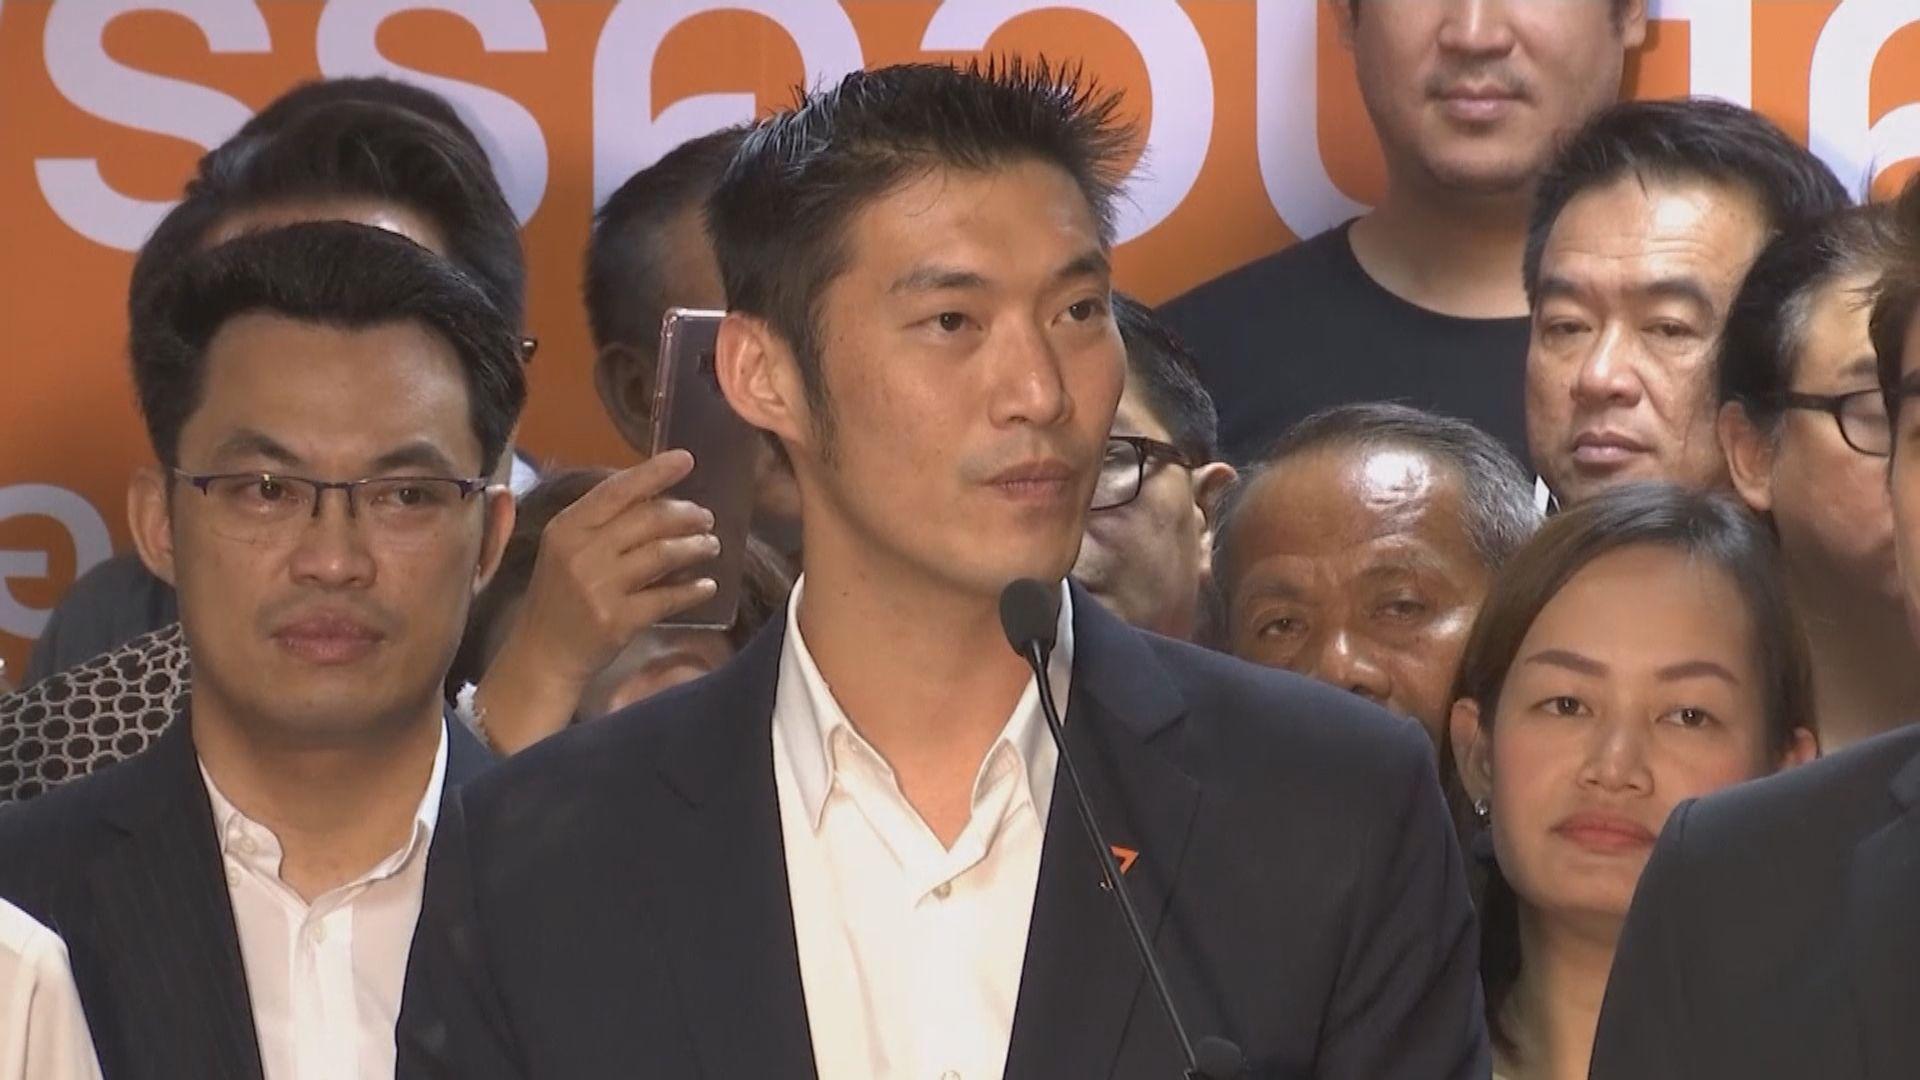 泰國未來前進黨反對君主制罪名不成立